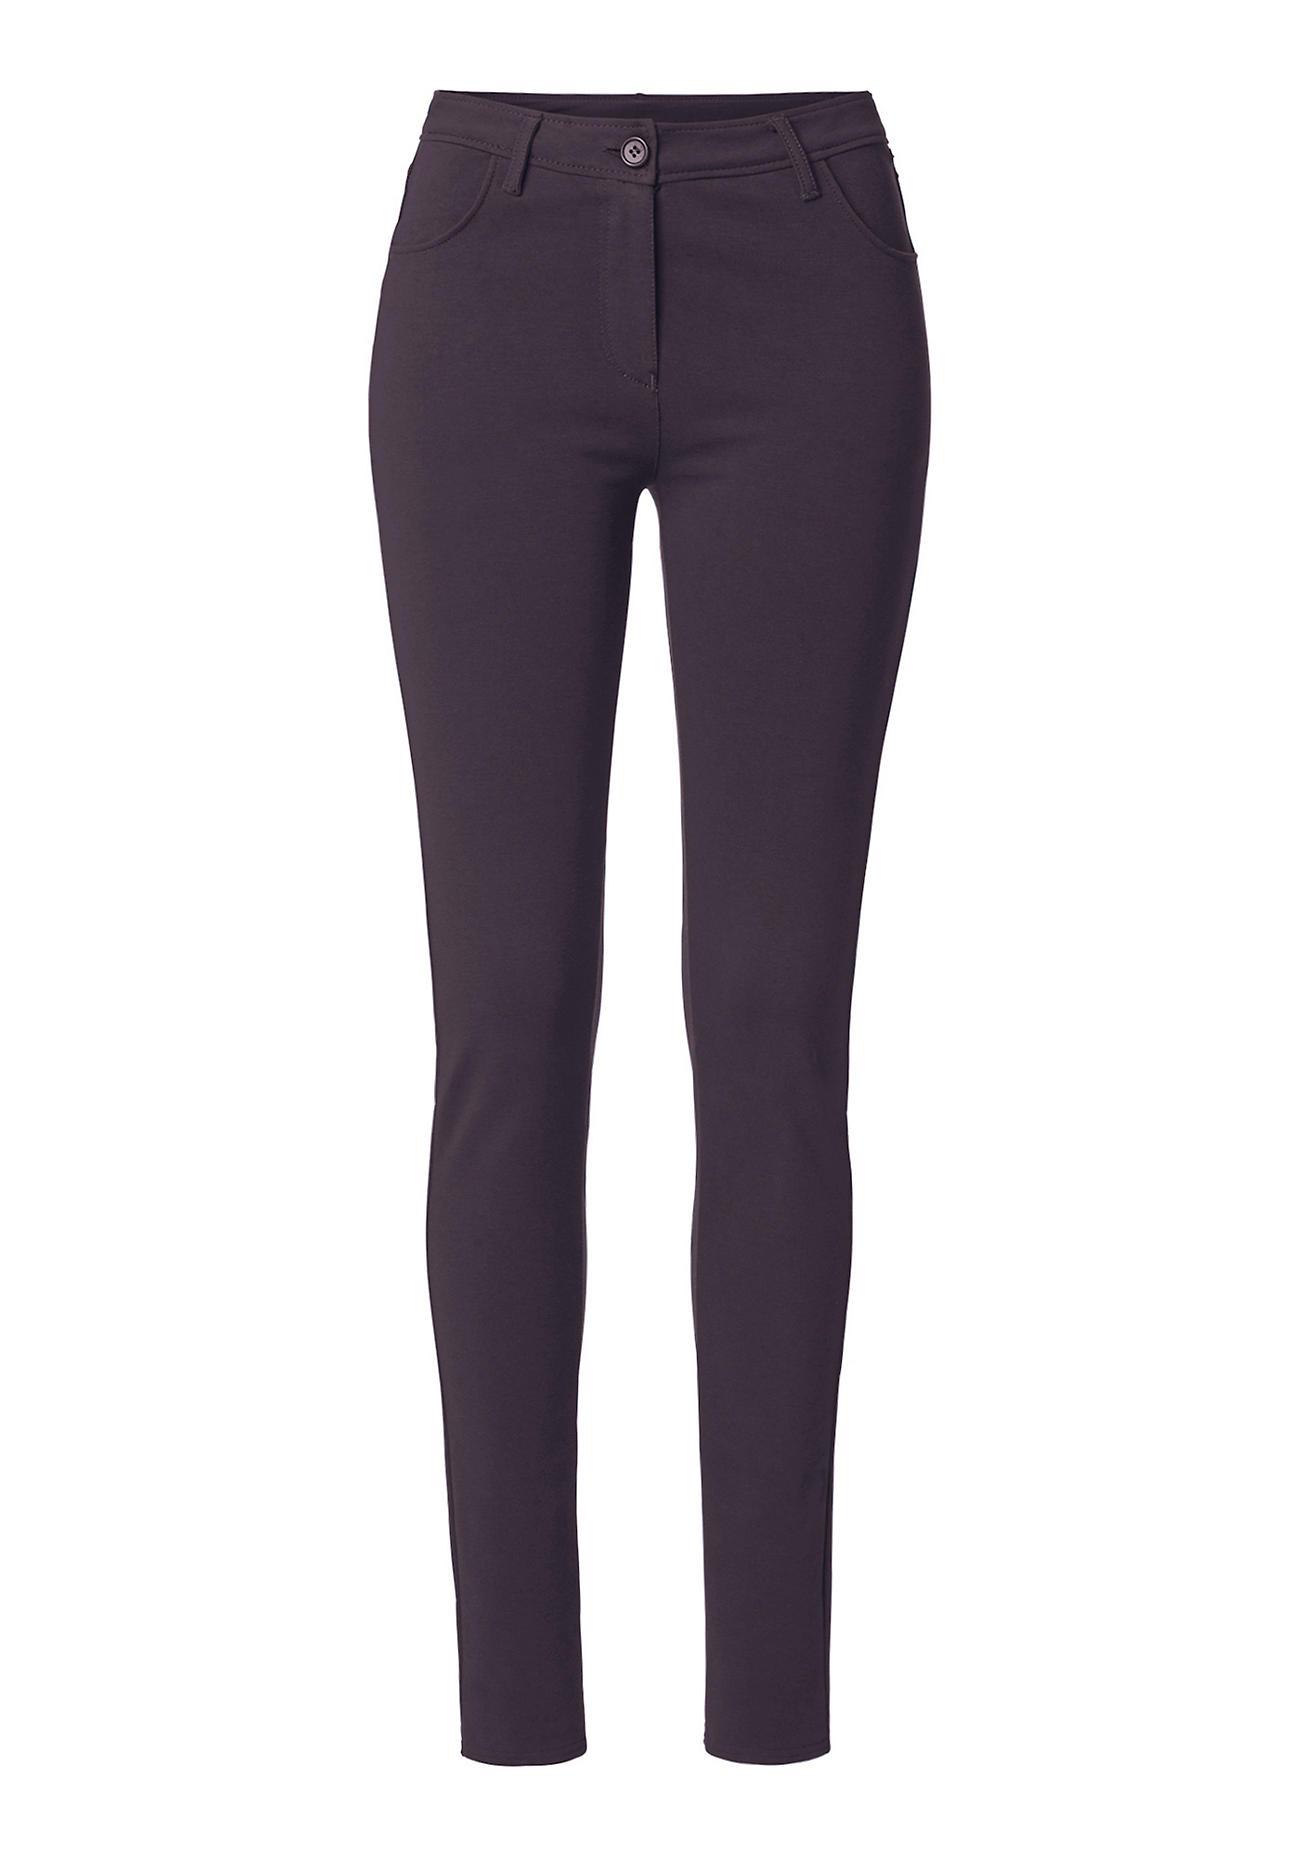 Hosen für Frauen - hessnatur Damen Stretch Hose aus Bio Baumwolle – lila –  - Onlineshop Hessnatur